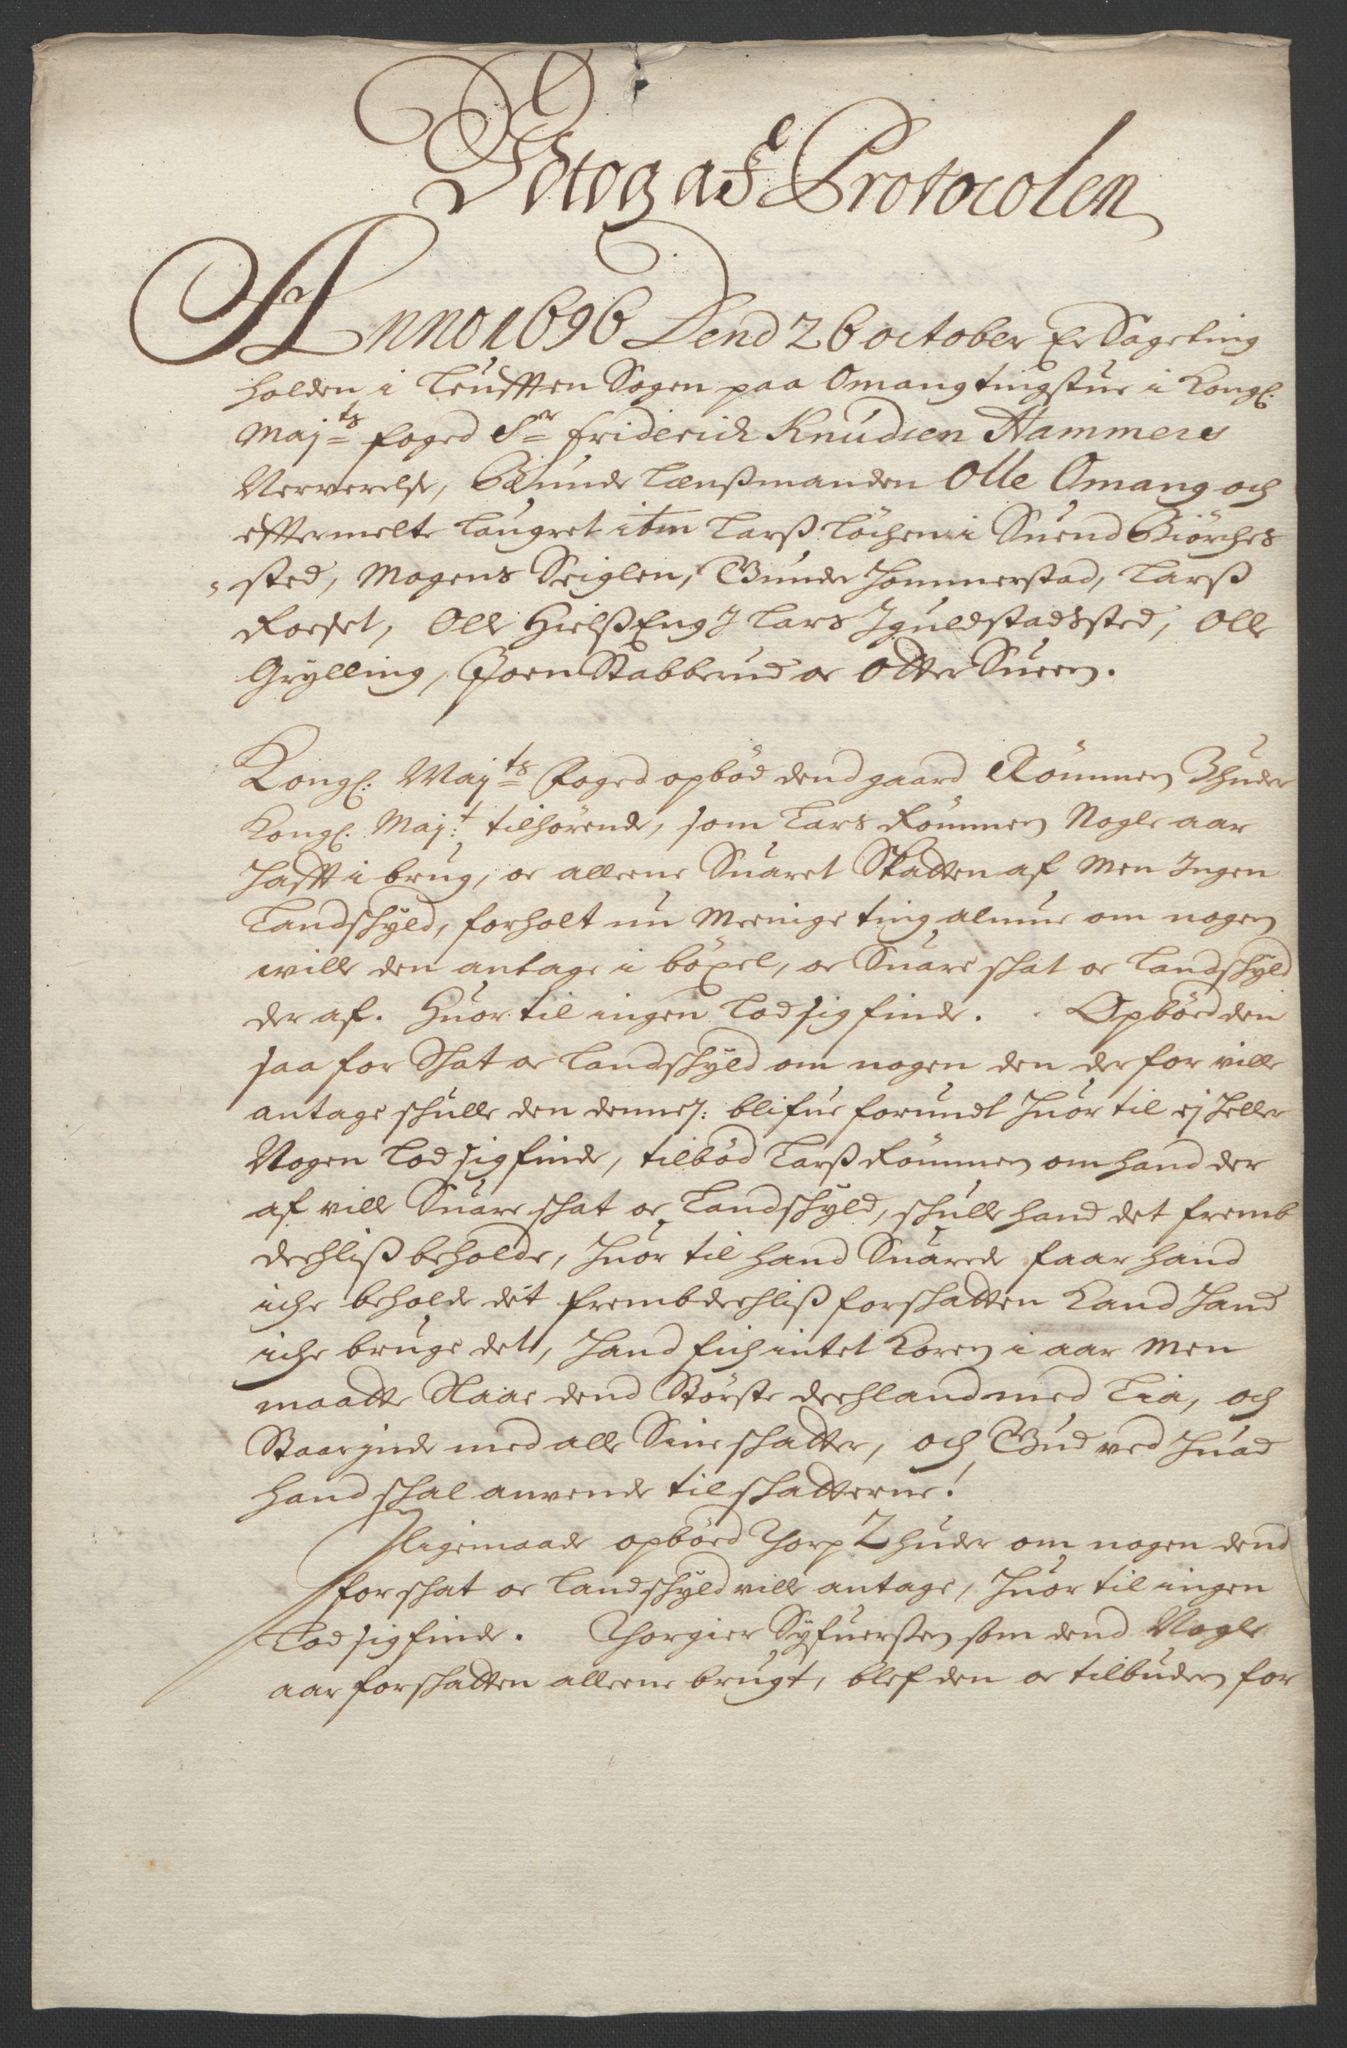 RA, Rentekammeret inntil 1814, Reviderte regnskaper, Fogderegnskap, R16/L1036: Fogderegnskap Hedmark, 1695-1696, s. 429